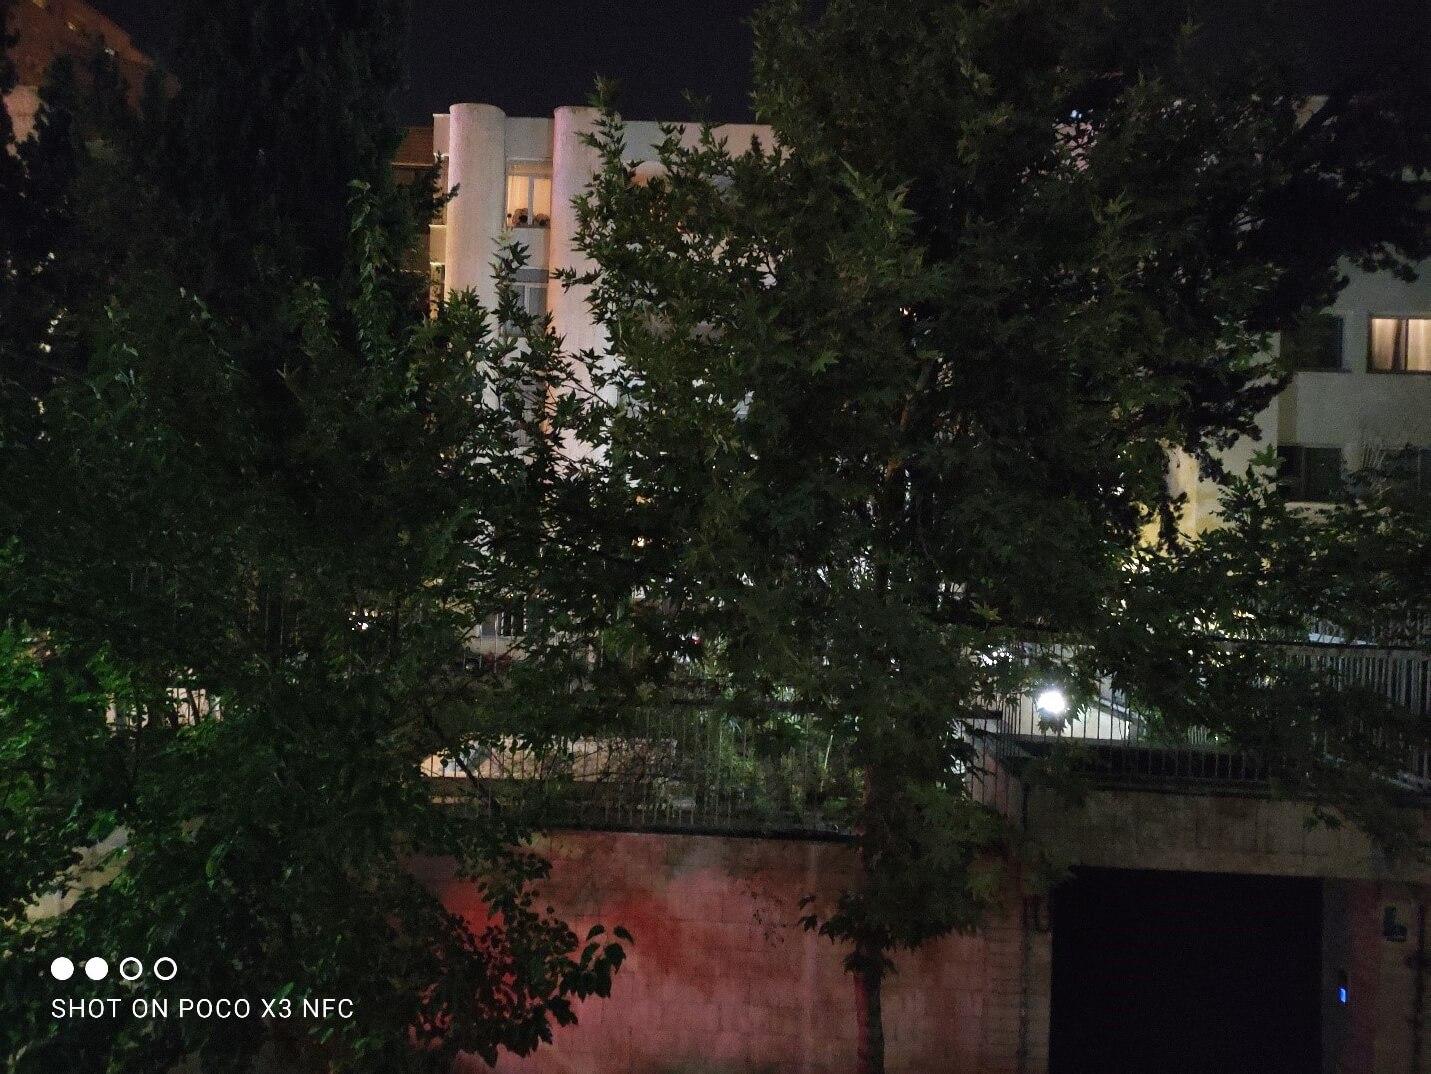 عکس در شب پوکو ایکس 3